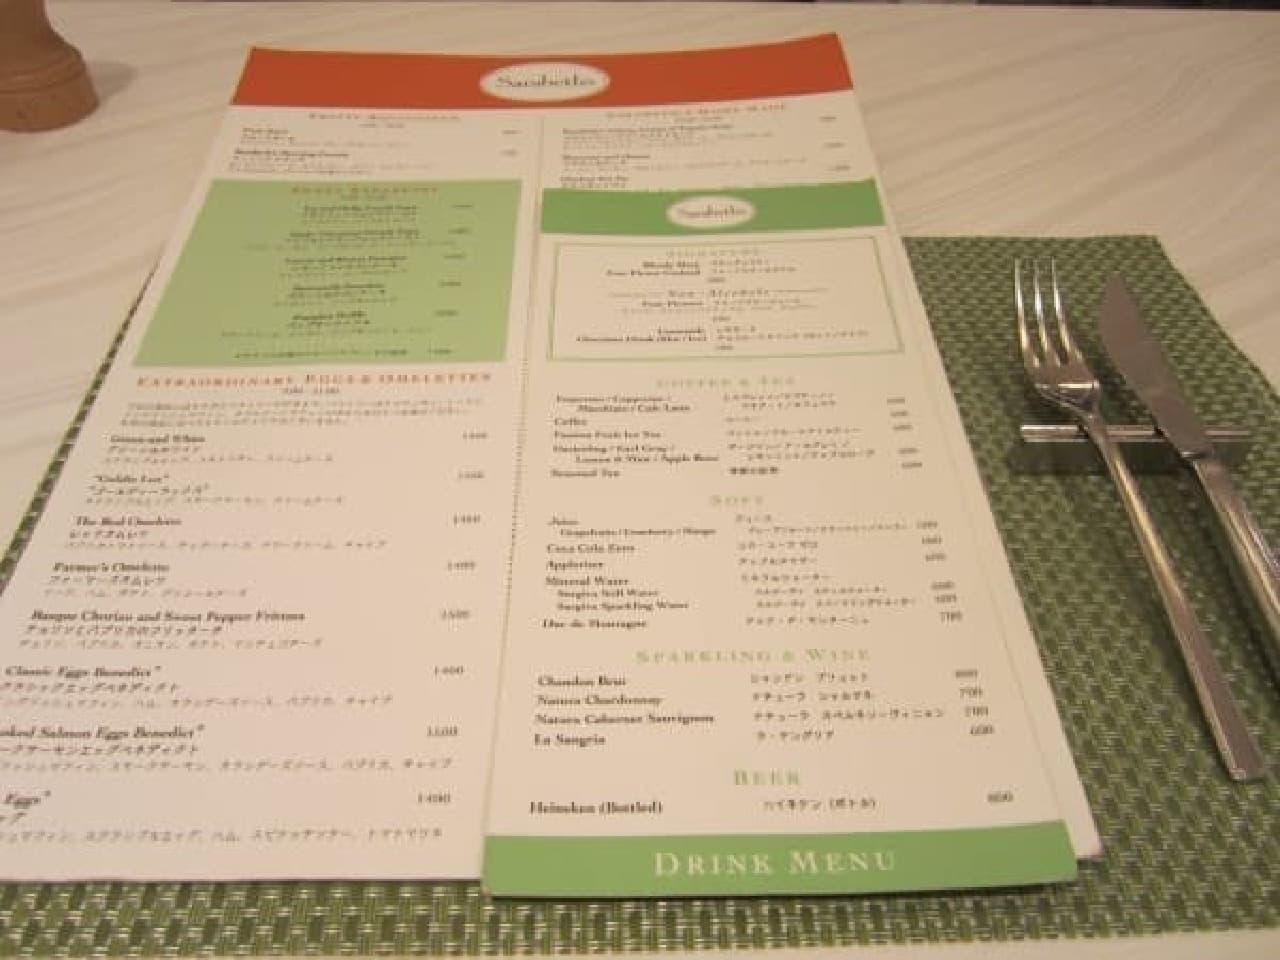 フレンチトーストからオムレツまで、種類豊富な朝食メニュー